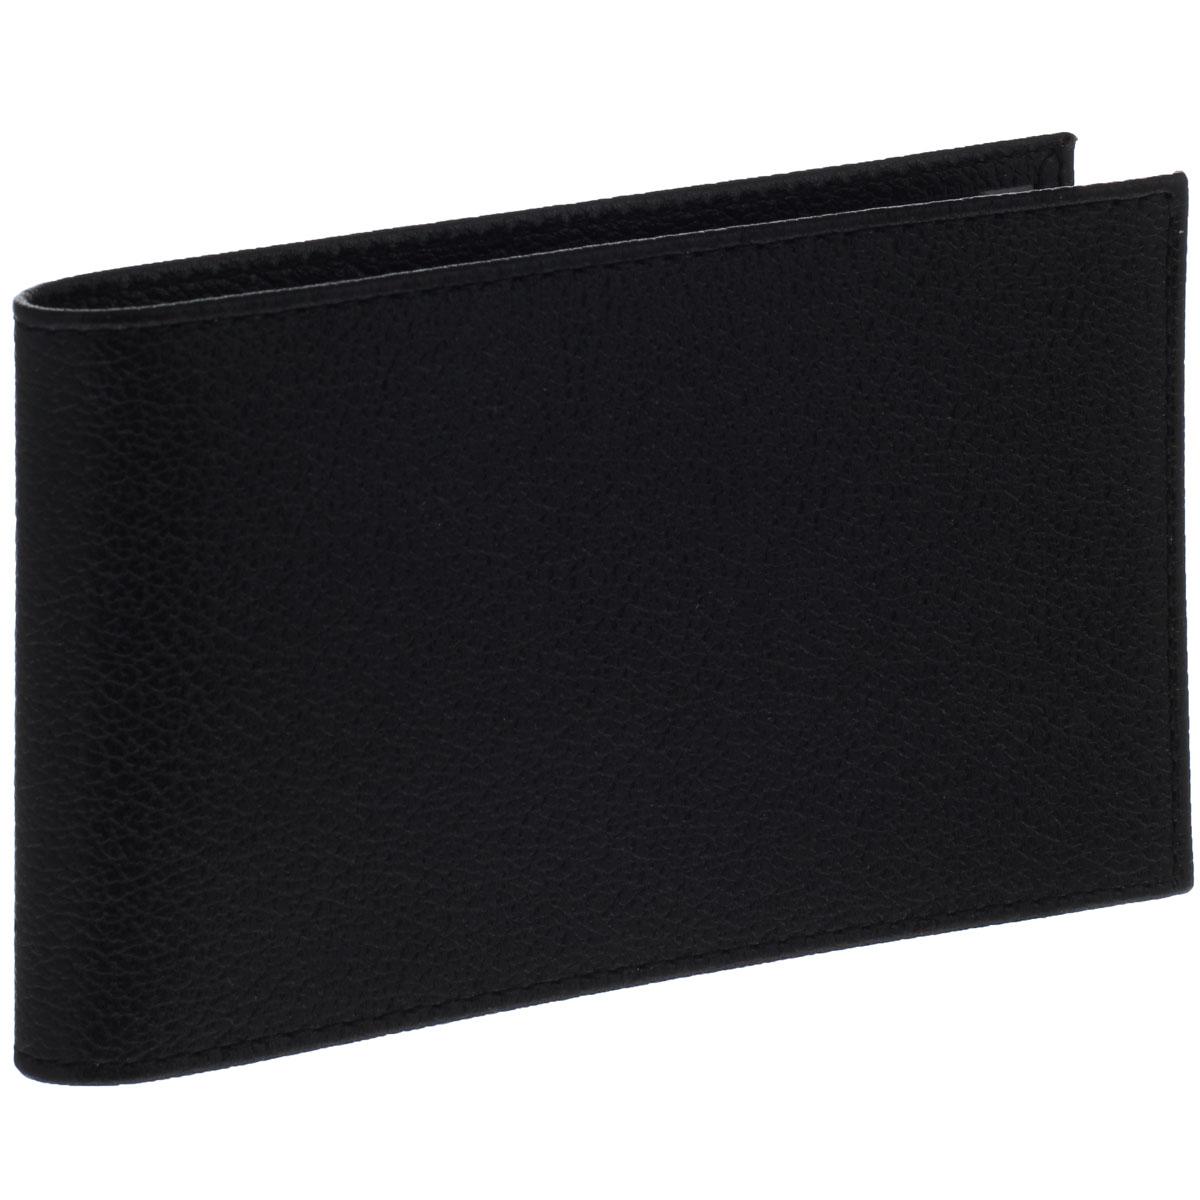 Визитница горизонтальная Askent, цвет: черный. V.1.LGV.1.LG чёрныйГоризонтальная визитница Askent изготовлена из натуральной кожи и исполнена в лаконичном стиле. Внутри содержится съемный блок из прозрачного мягкого пластика на 20 визиток, а также 2 удобных боковых кармана. Изделие упаковано в фирменную коробку. Стильная визитница подчеркнет вашу индивидуальность и изысканный вкус, а также станет замечательным подарком человеку, ценящему качественные и практичные вещи.